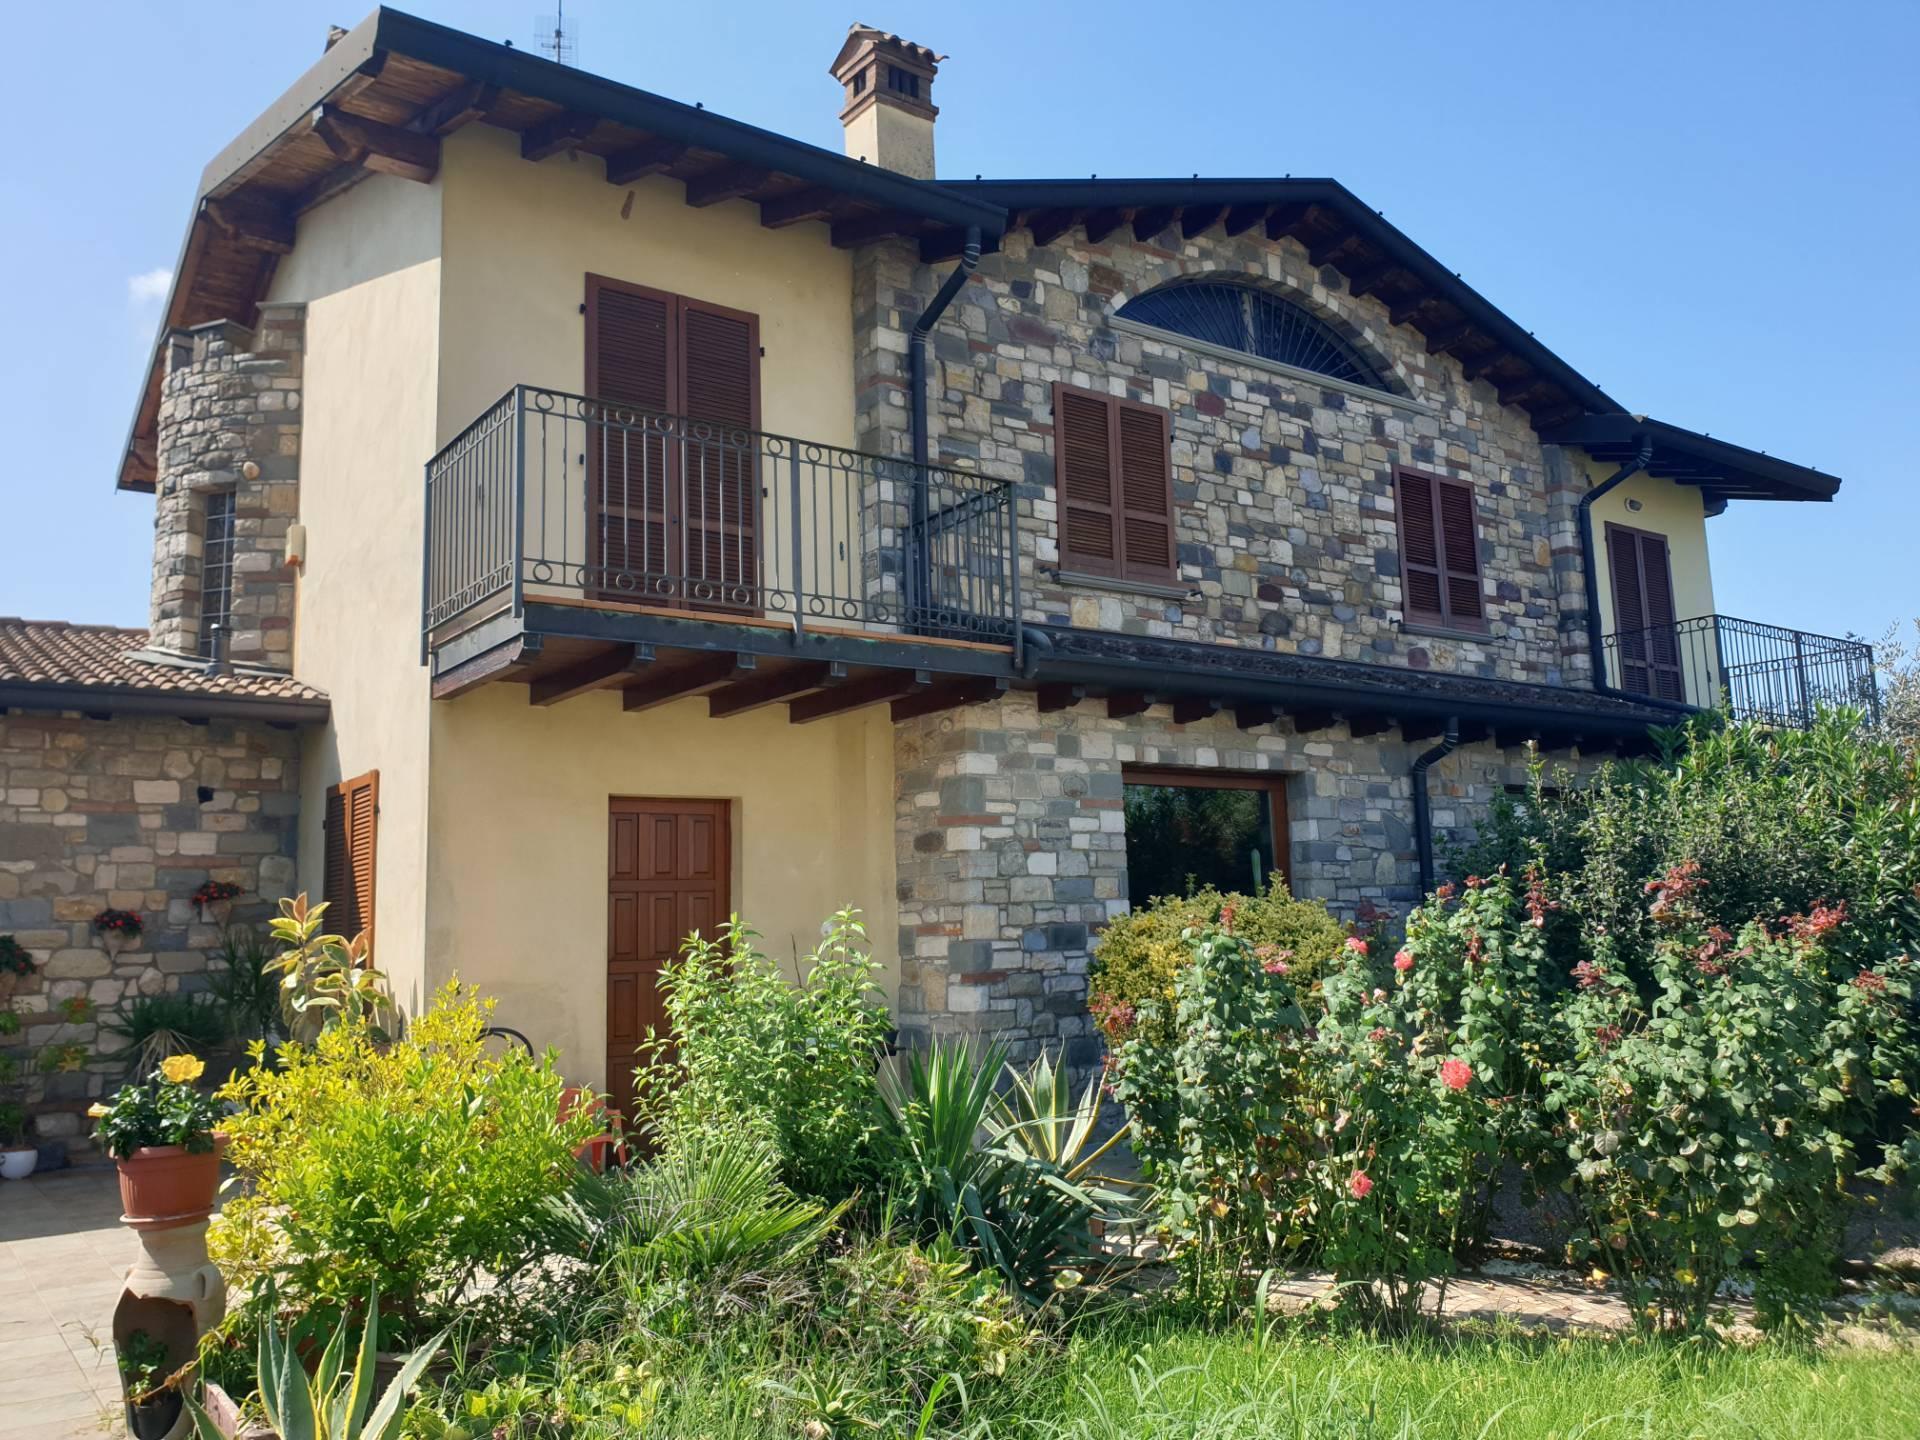 Villa Bifamiliare in vendita a Cividate al Piano, 4 locali, prezzo € 158.000   PortaleAgenzieImmobiliari.it